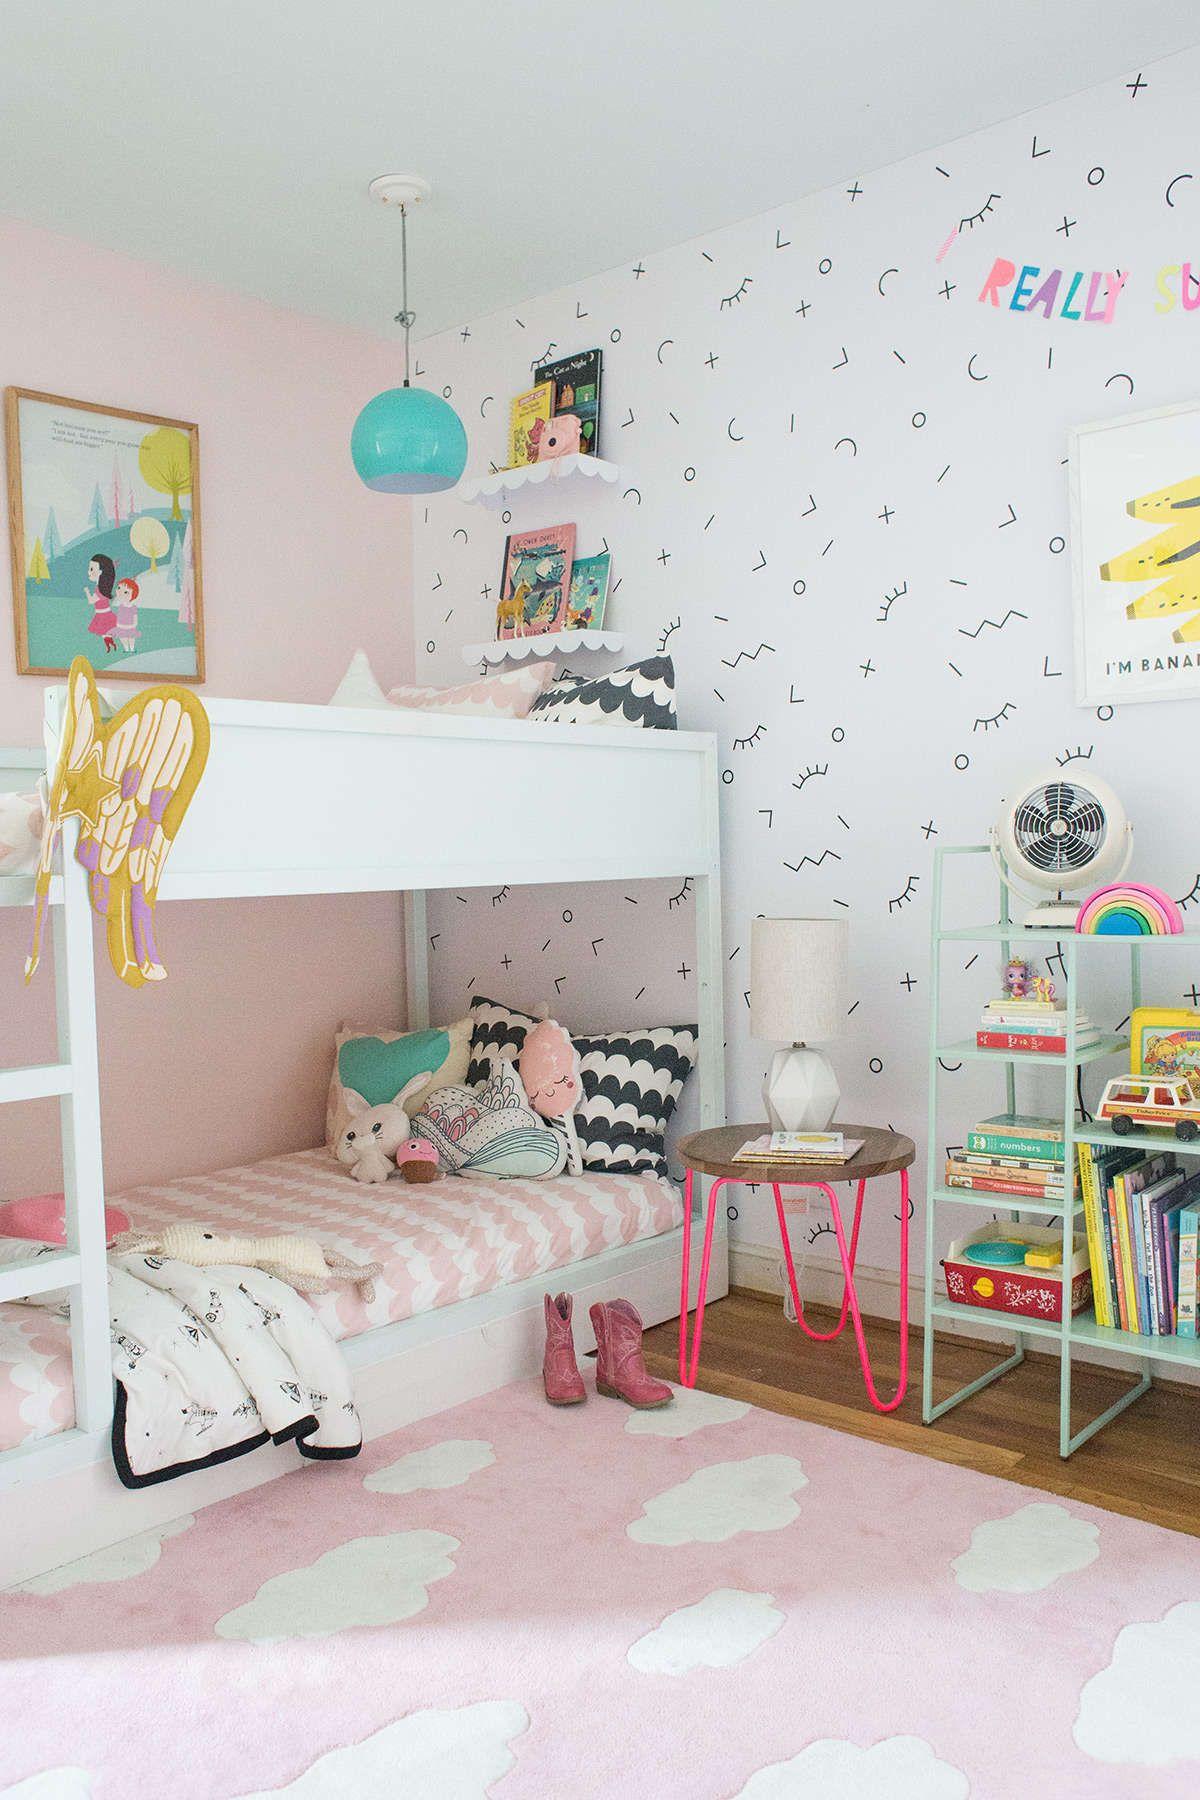 Diy Riser For Kura Bunk Bed Ikea Kura Bed Kura Bed And Ikea Kura